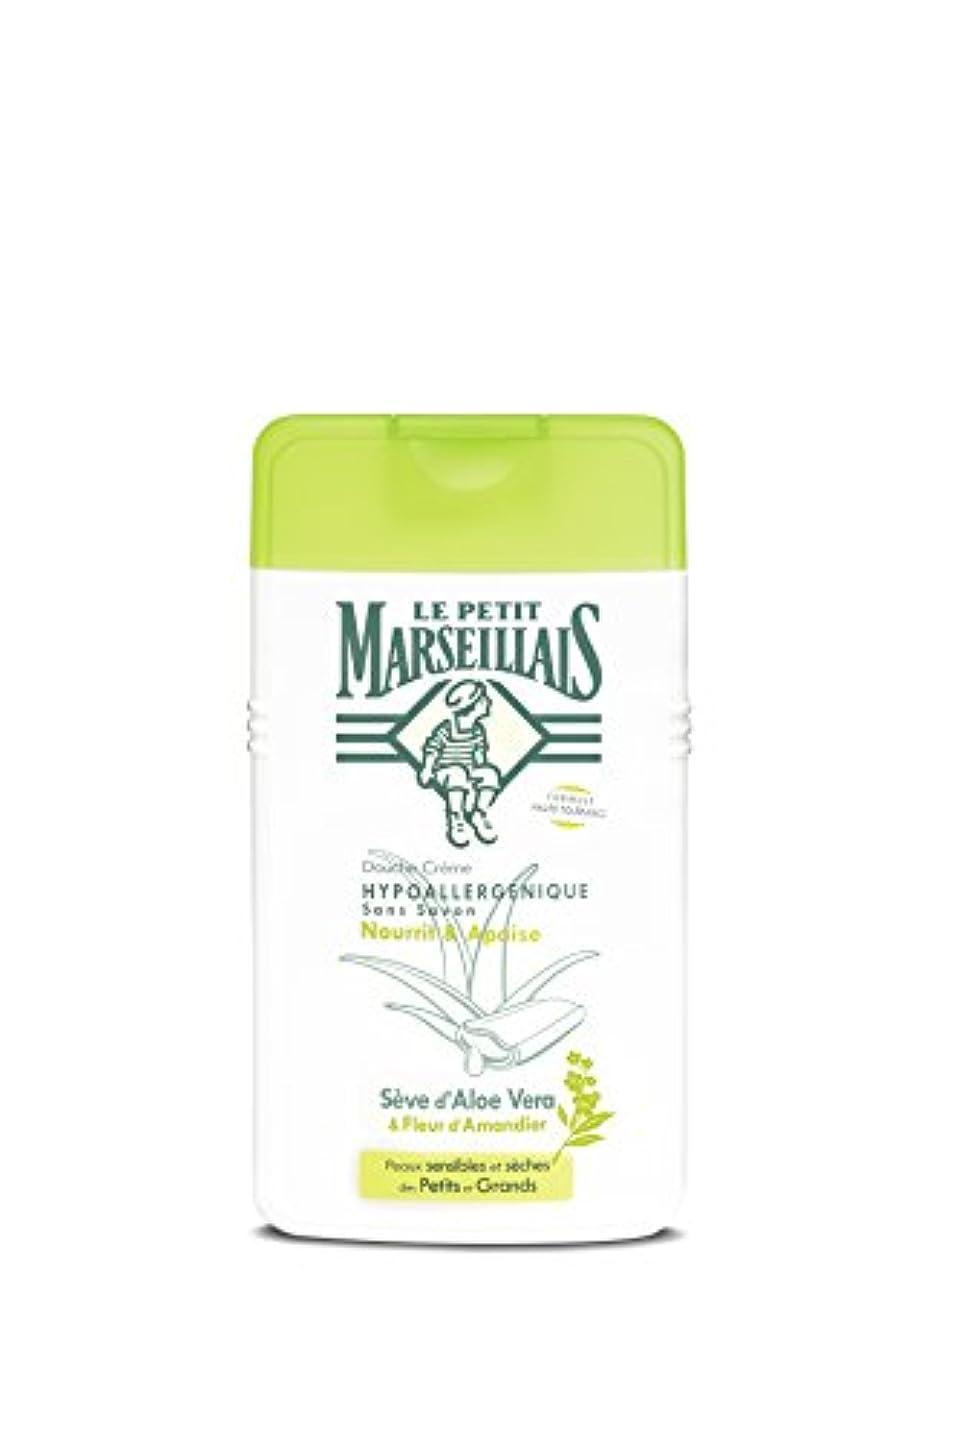 観光に行くアイザック真実に「アロエベラ」と「アーモンドの花」石鹸不使用 低刺激 敏感肌用 中性 シャワークリーム フランスの「ル?プティ?マルセイユ(Le Petit Marseillais)」250ml ボディウォッシュ